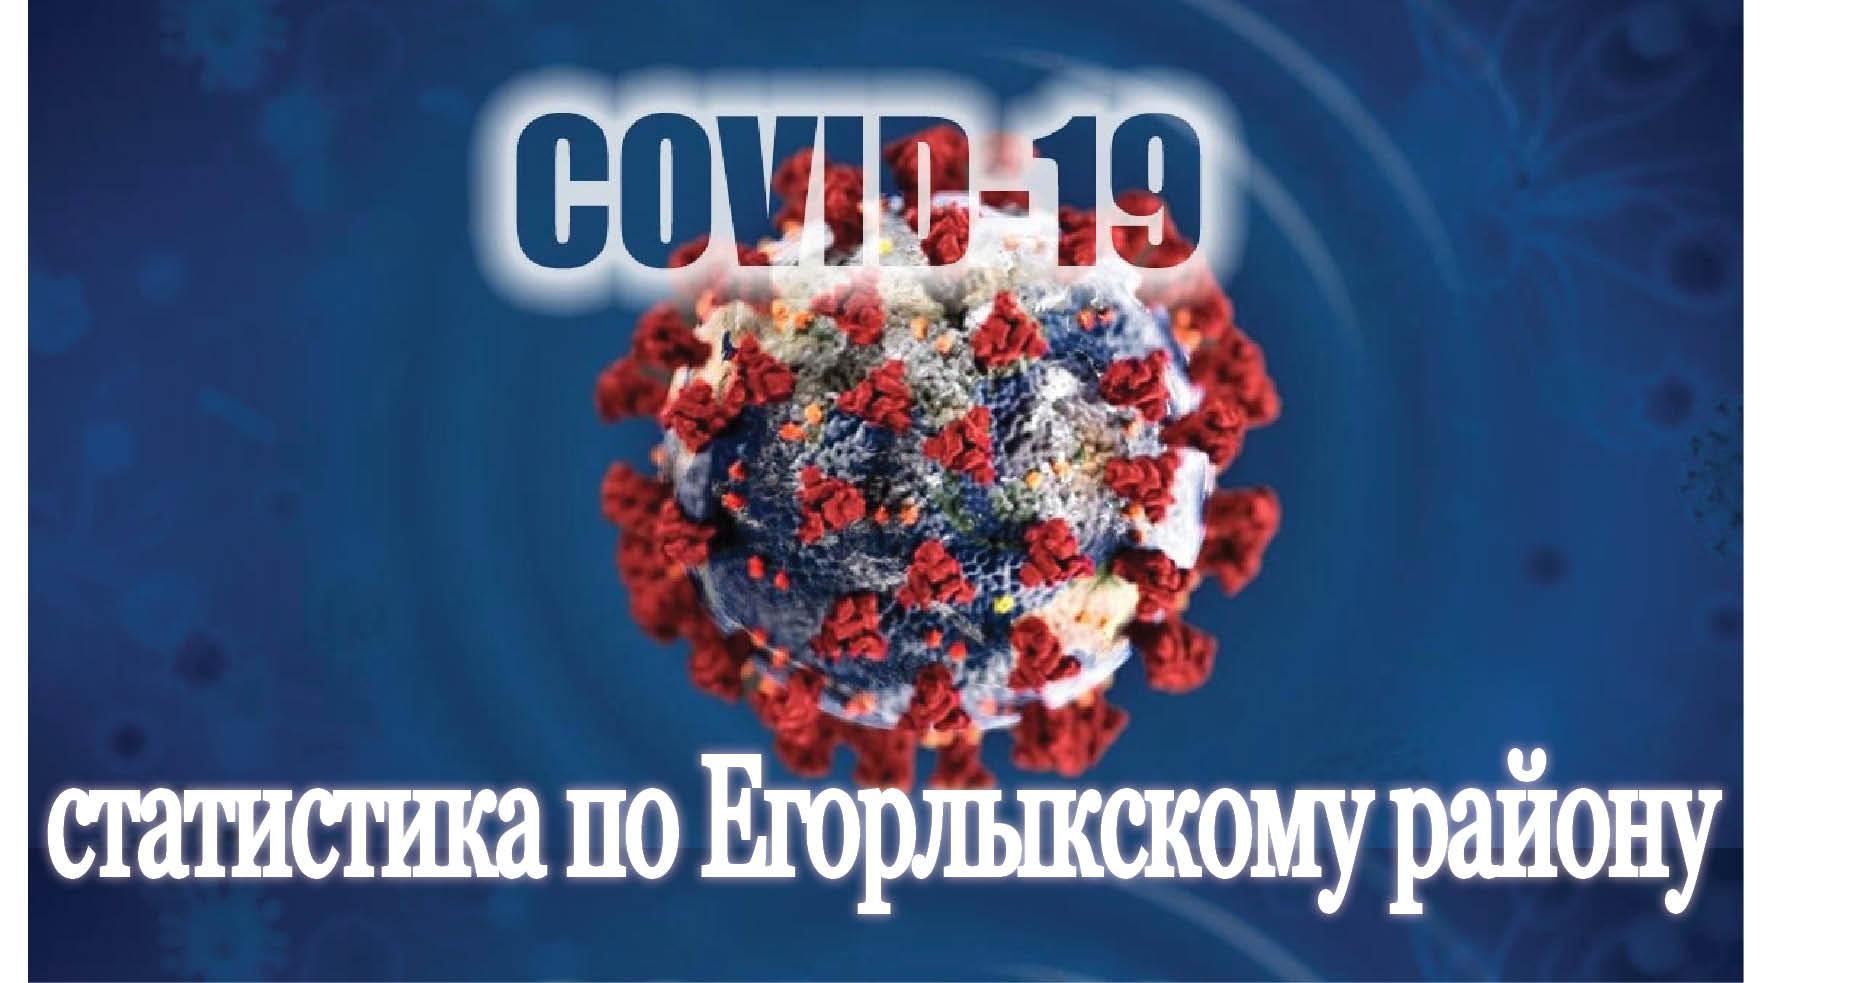 В Егорлыкском районе на 21 октября ни одного случая коронавируса